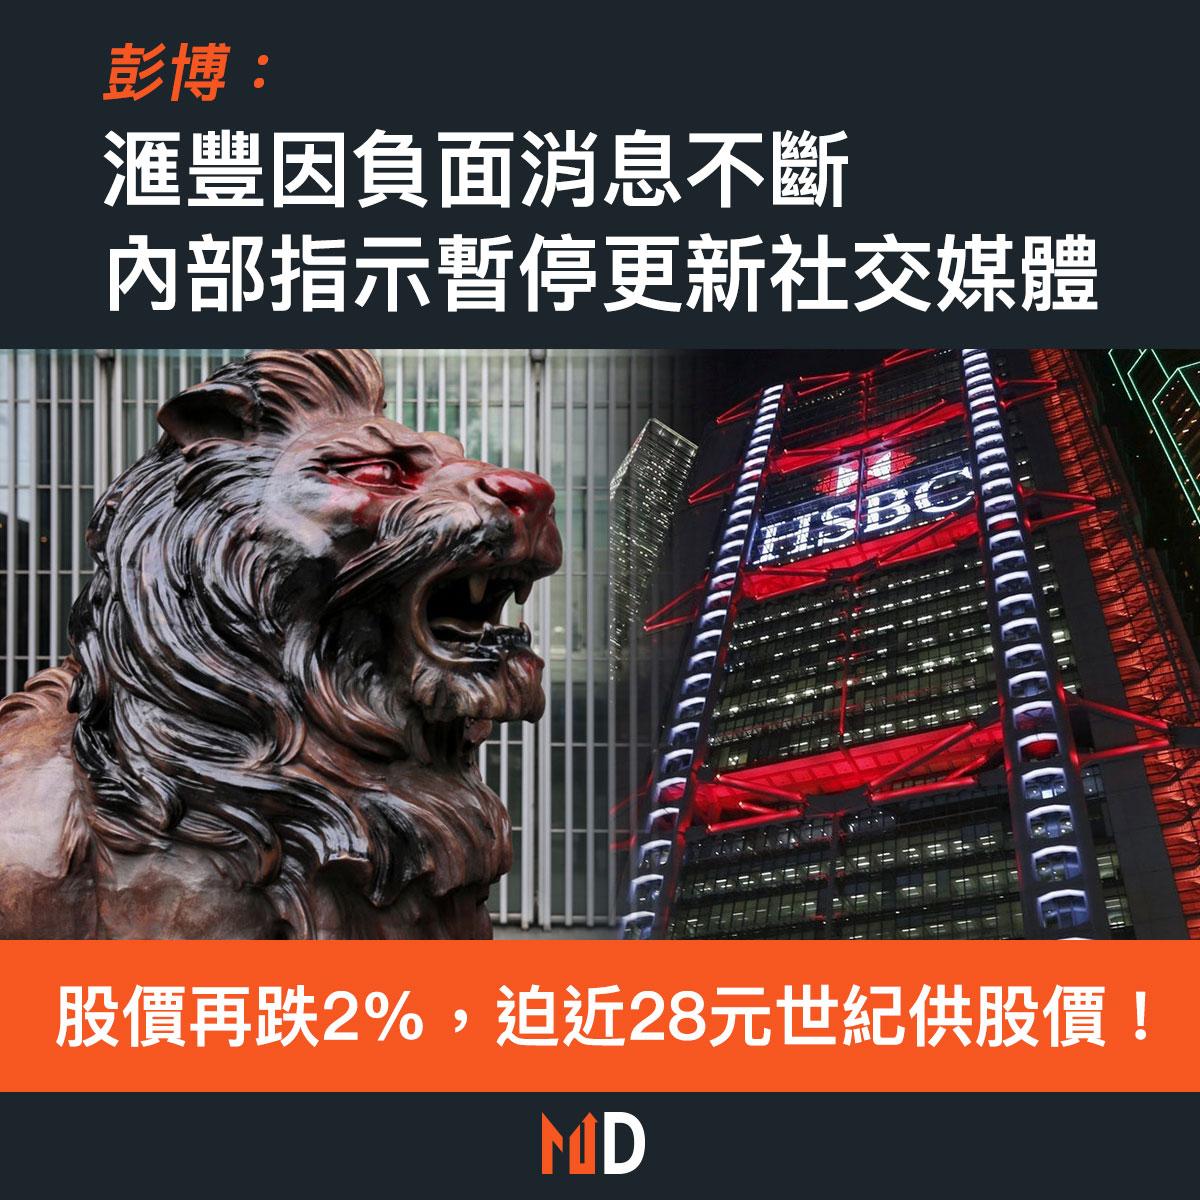 【滙豐弱勢】彭博:滙豐因負面消息不斷,內部指示暫停更新社交媒體